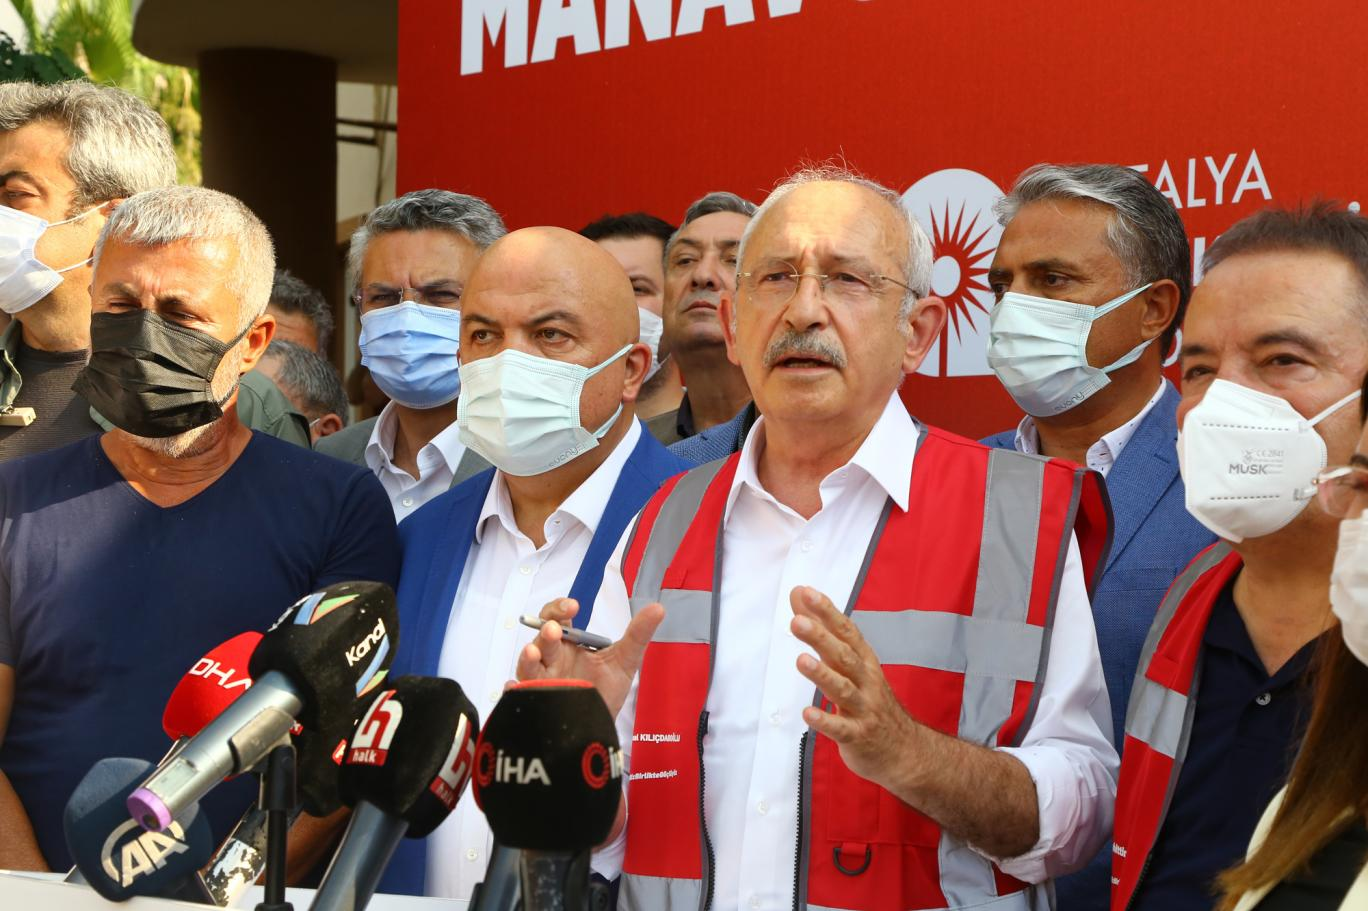 Kılıçdaroğlu'ndan Erdoğan'a:  Kendine 13 uçak alacağına, 12 tane yangın söndürme uçağı alsaydın